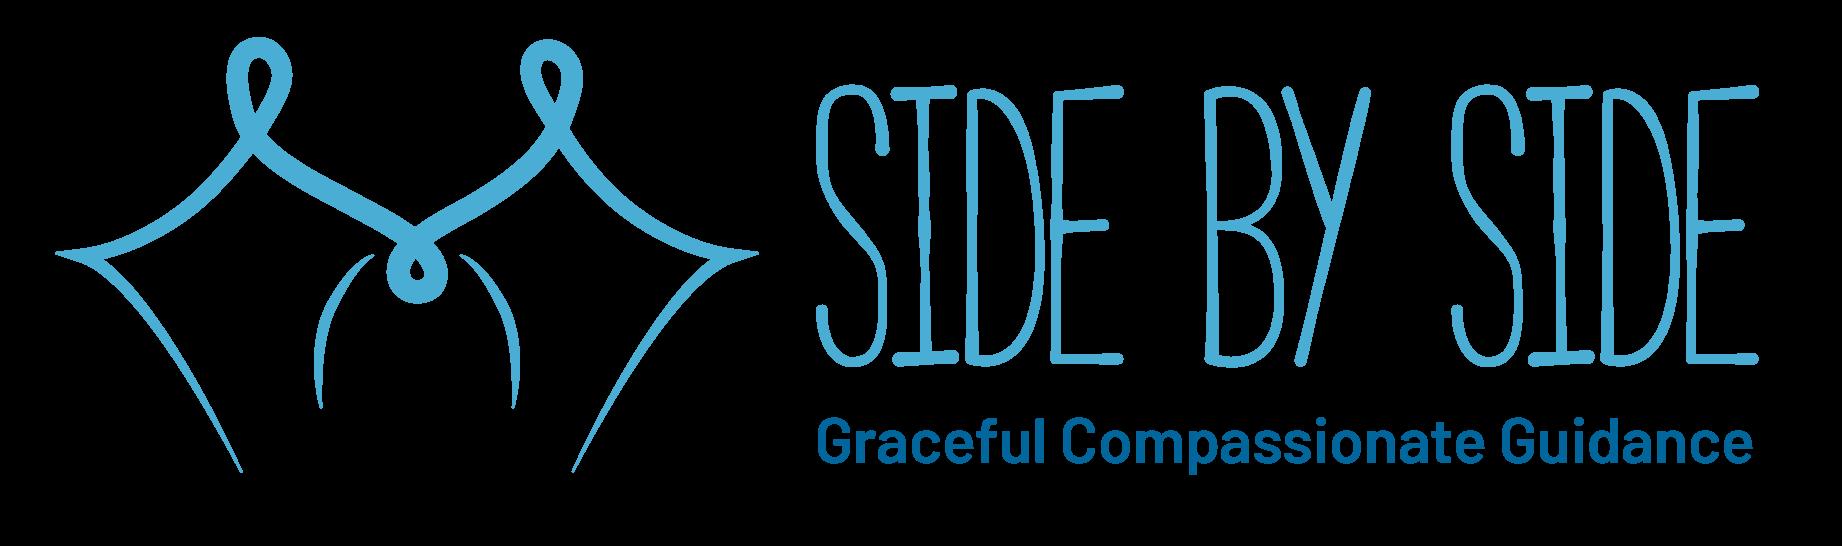 Side By Side LLC